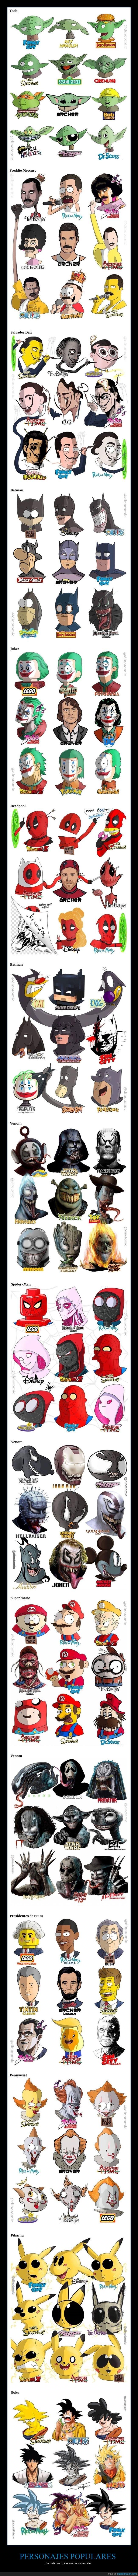 personajes de ficción,universos,versiones